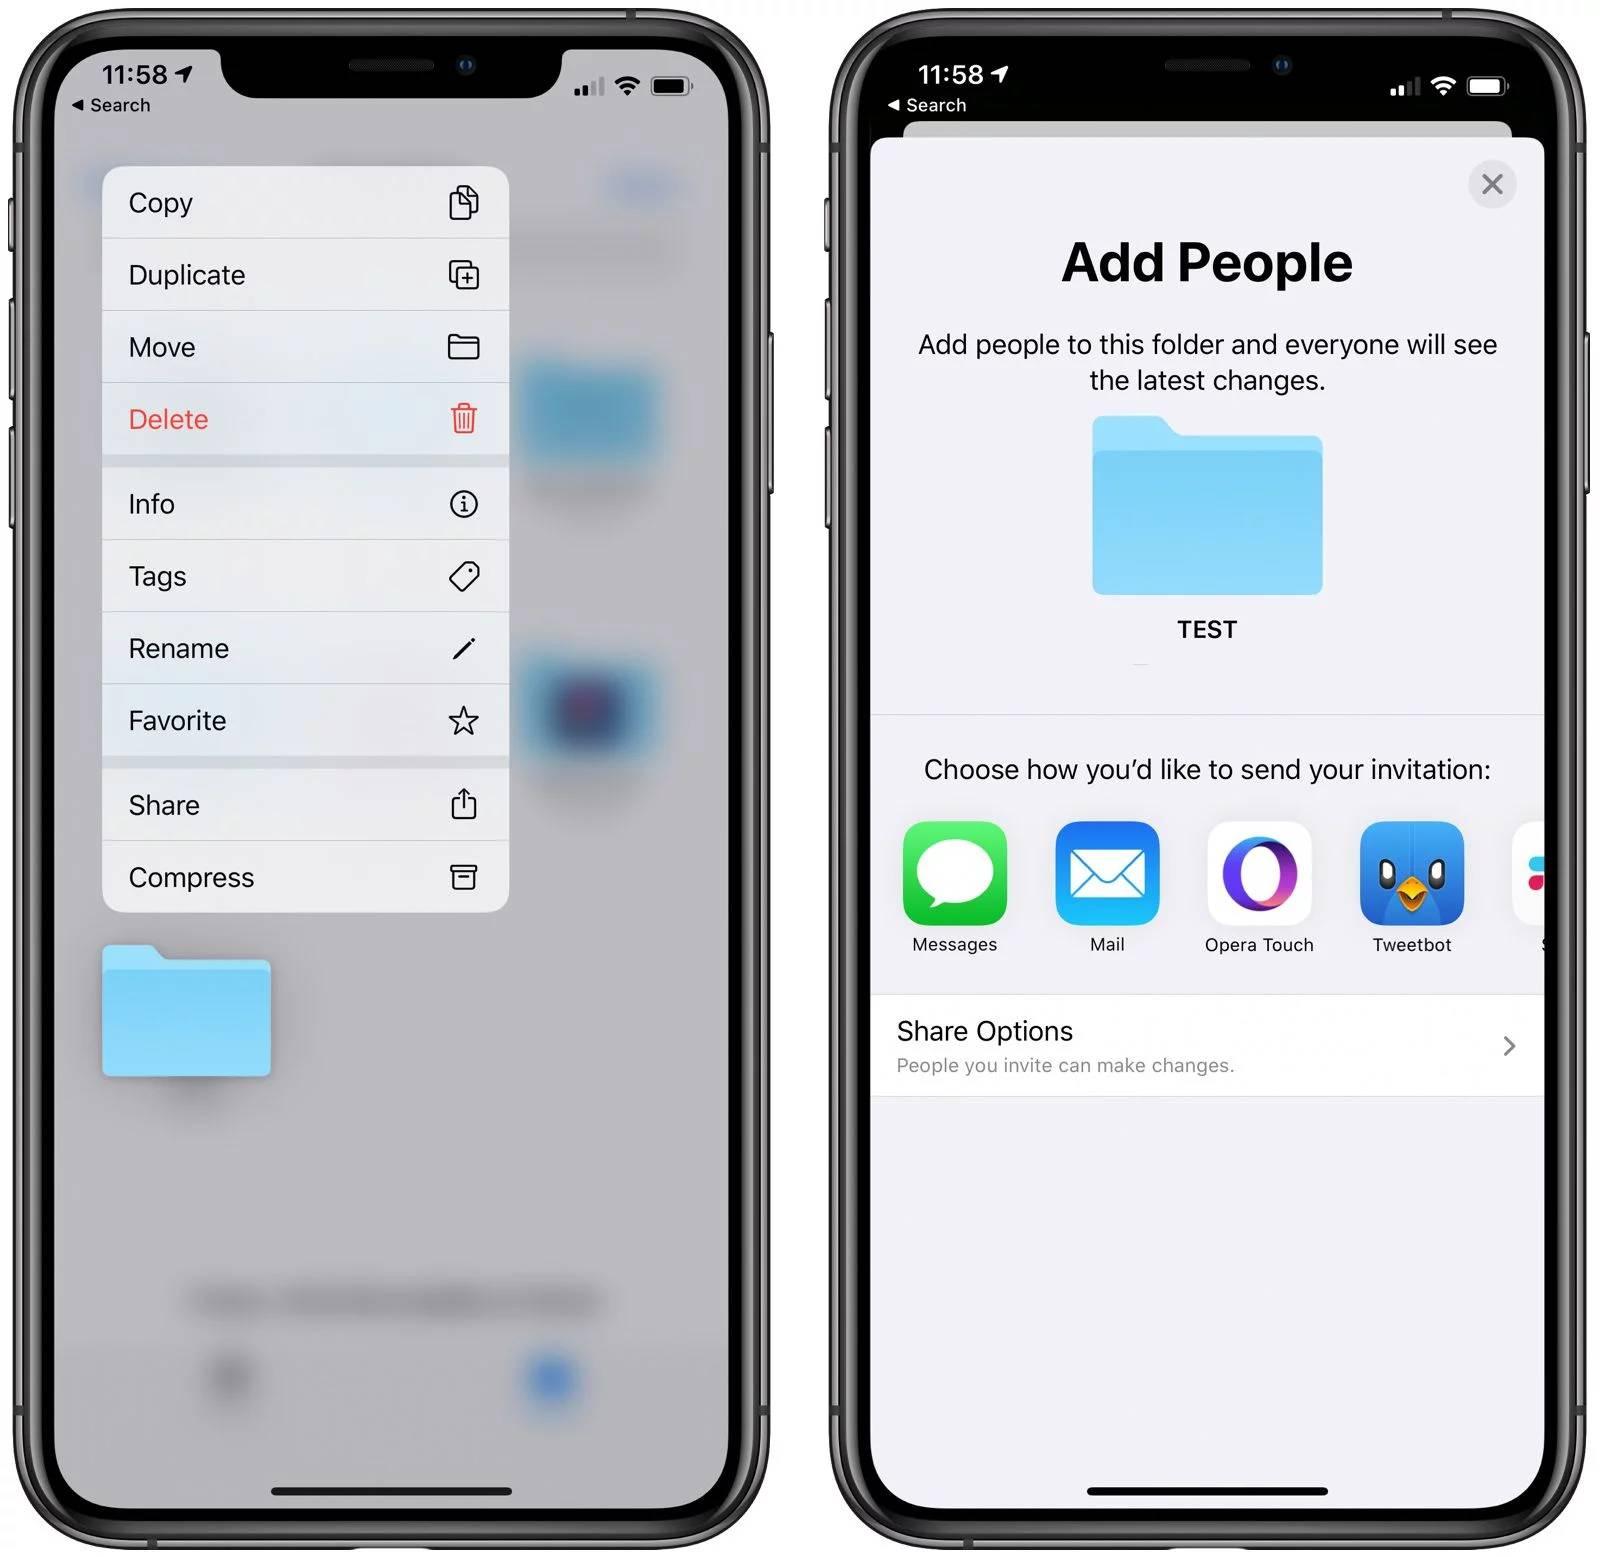 iOS 13.4 functie icloud folder sharing